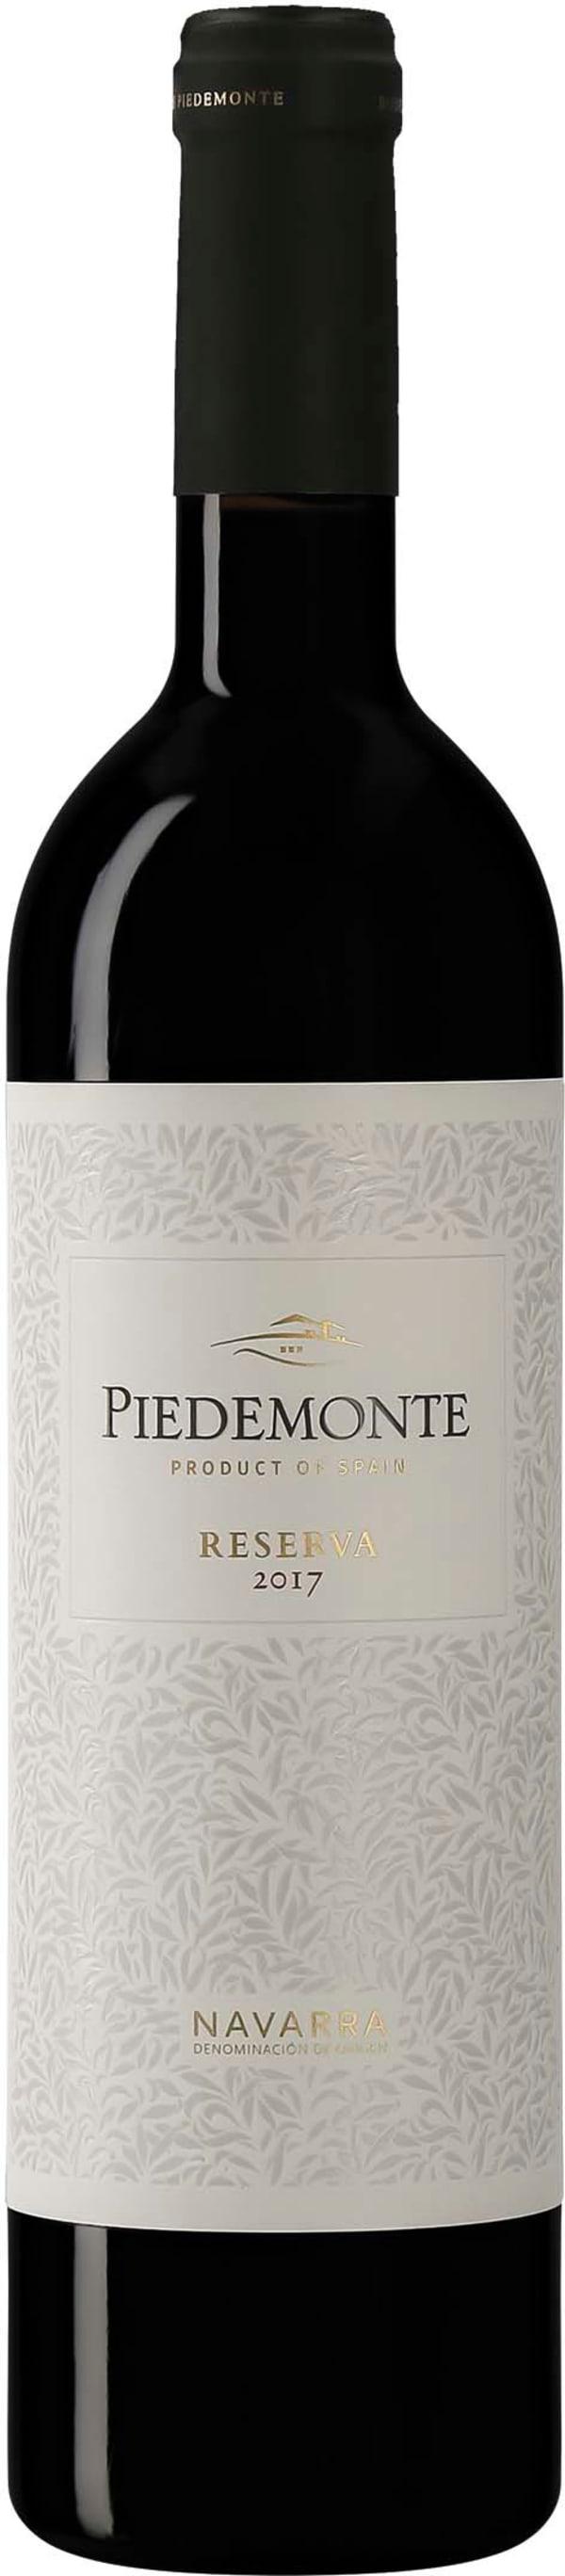 Piedemonte Reserva 2014